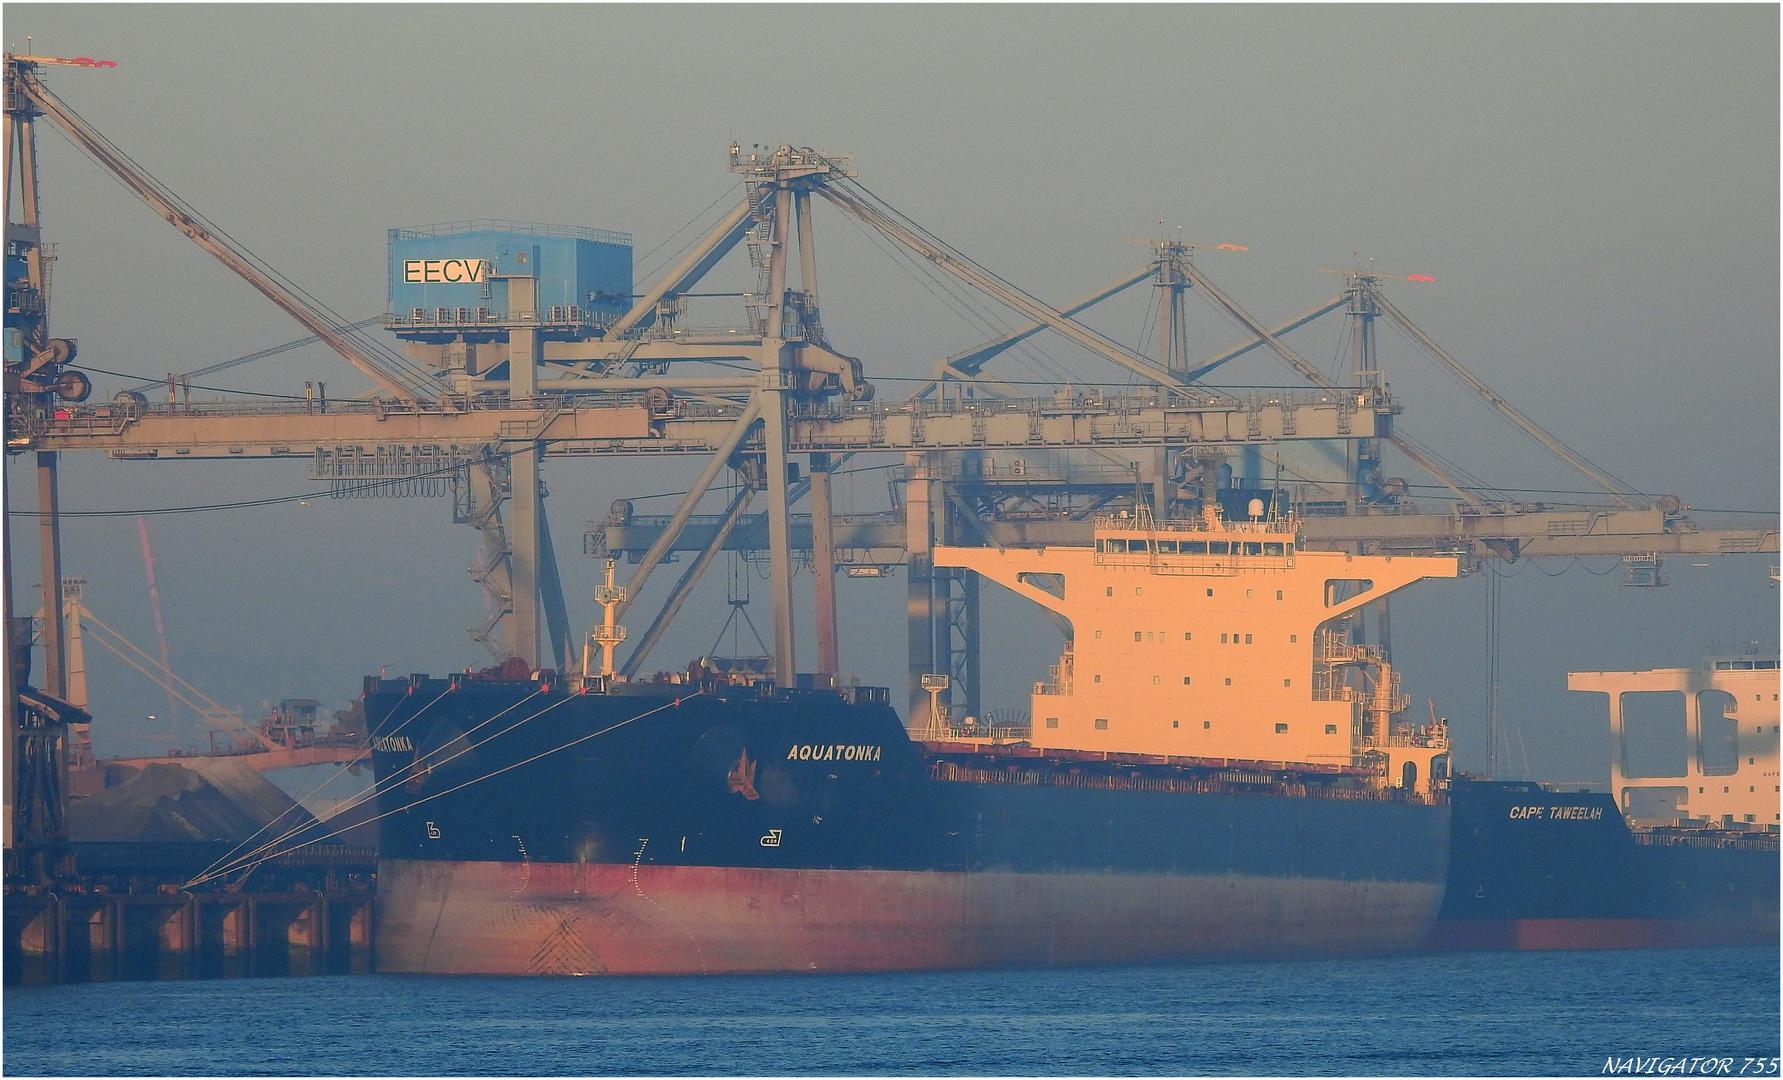 AQUATONKA; Bulk Carrier, Rotterdam.